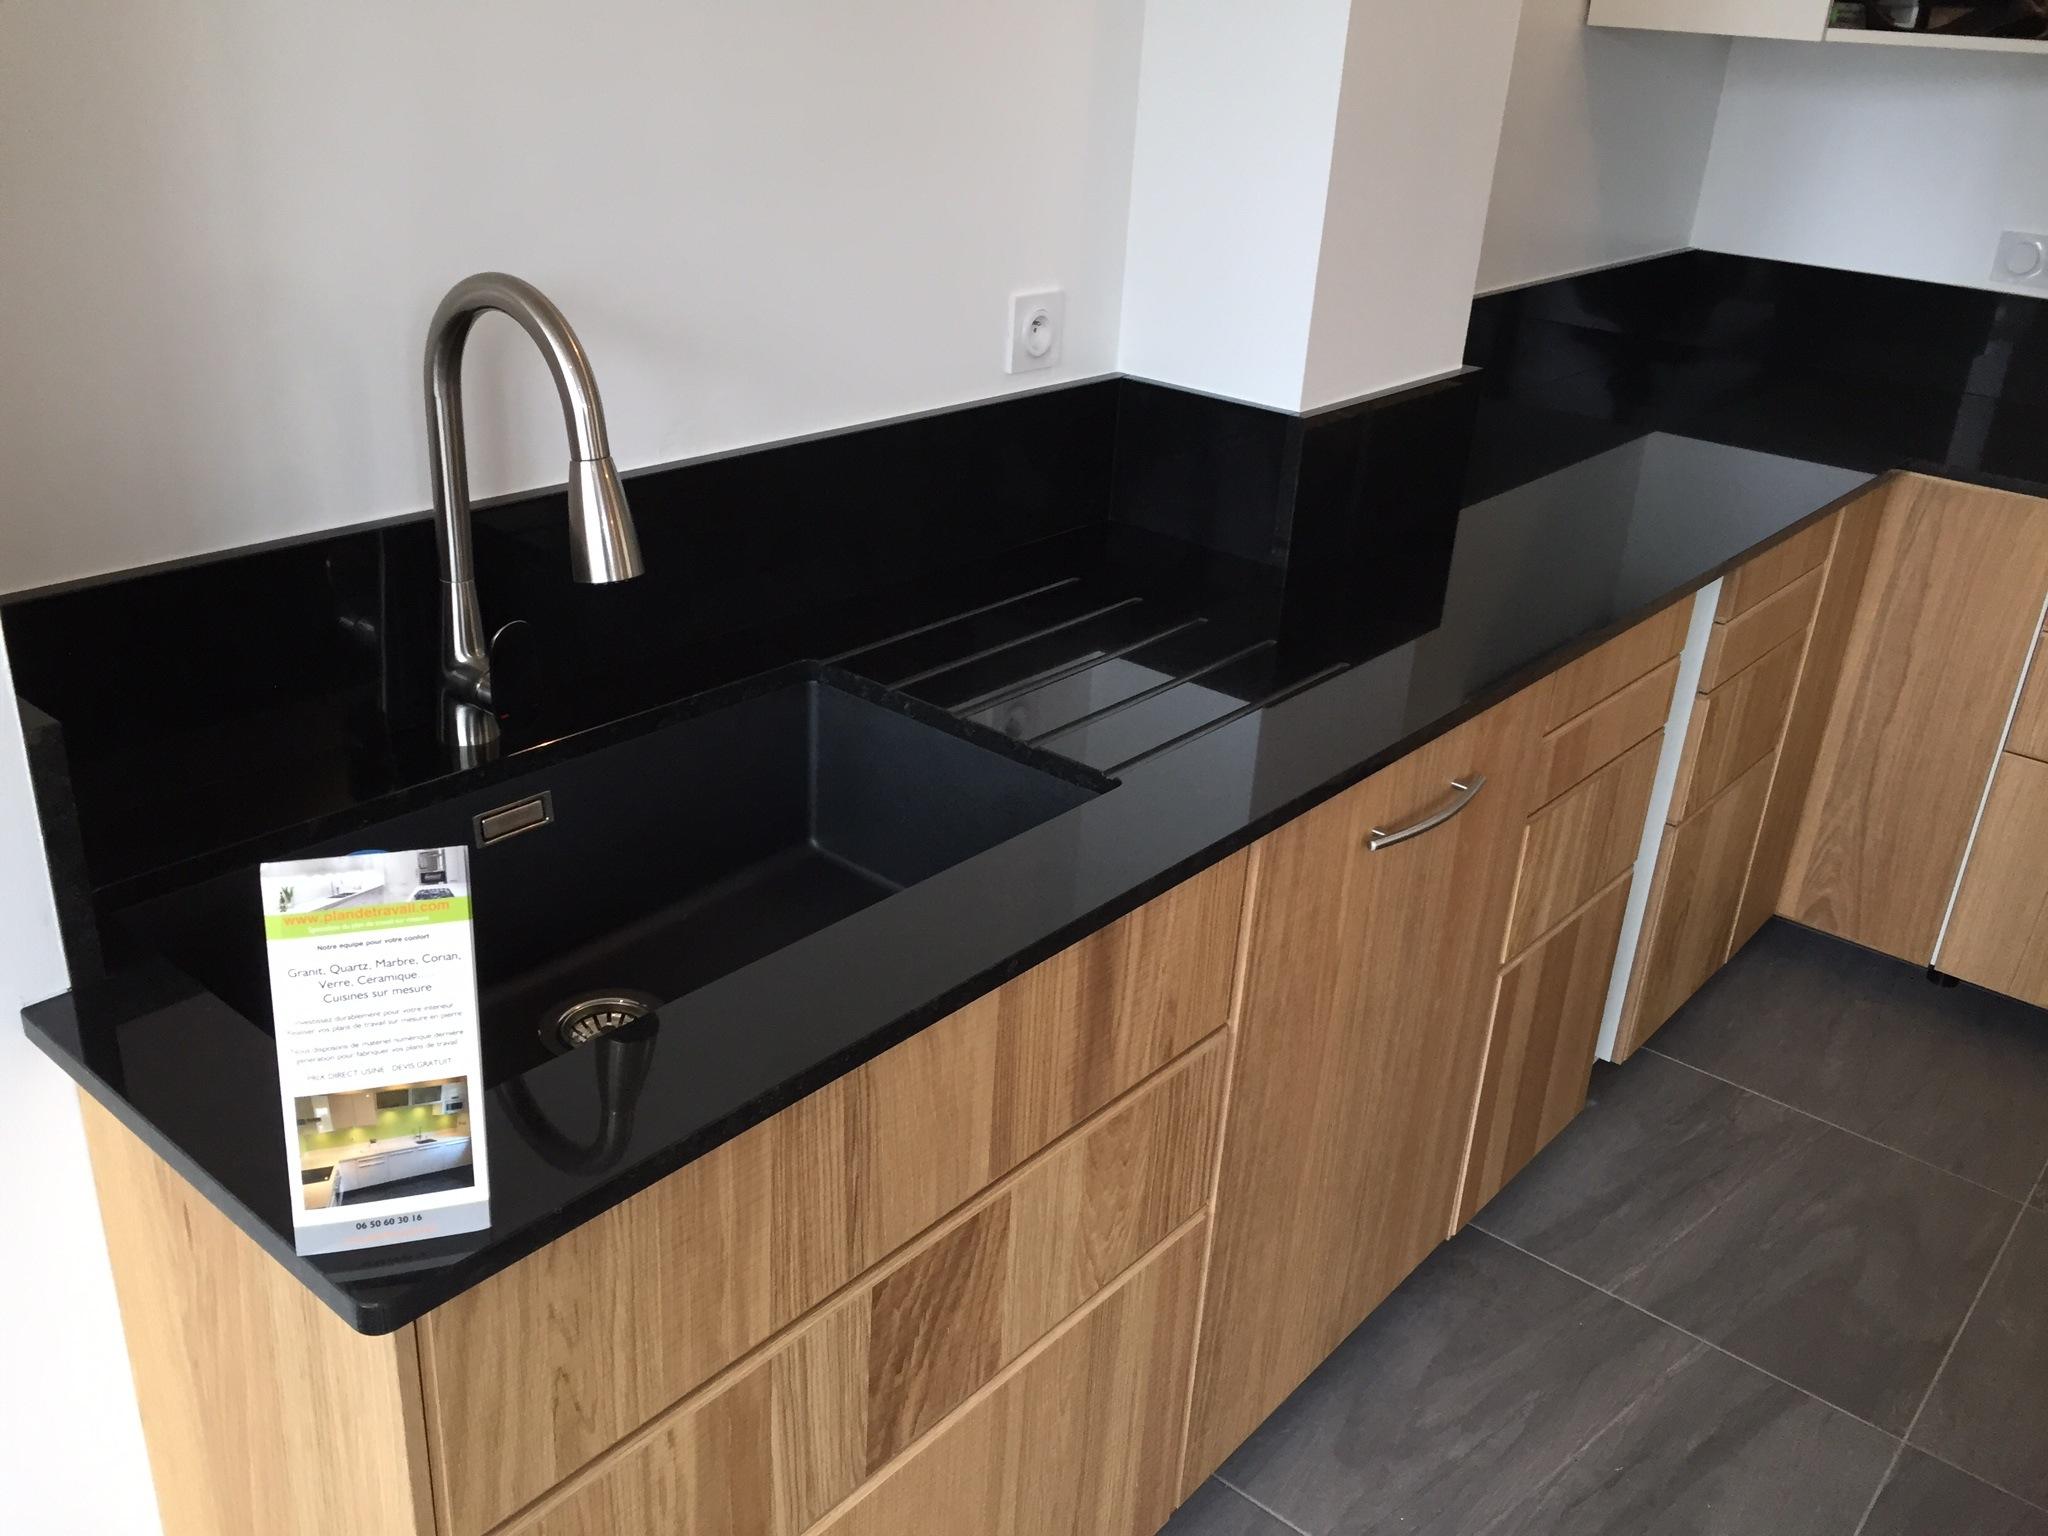 plan de travail granit noir mat. Black Bedroom Furniture Sets. Home Design Ideas